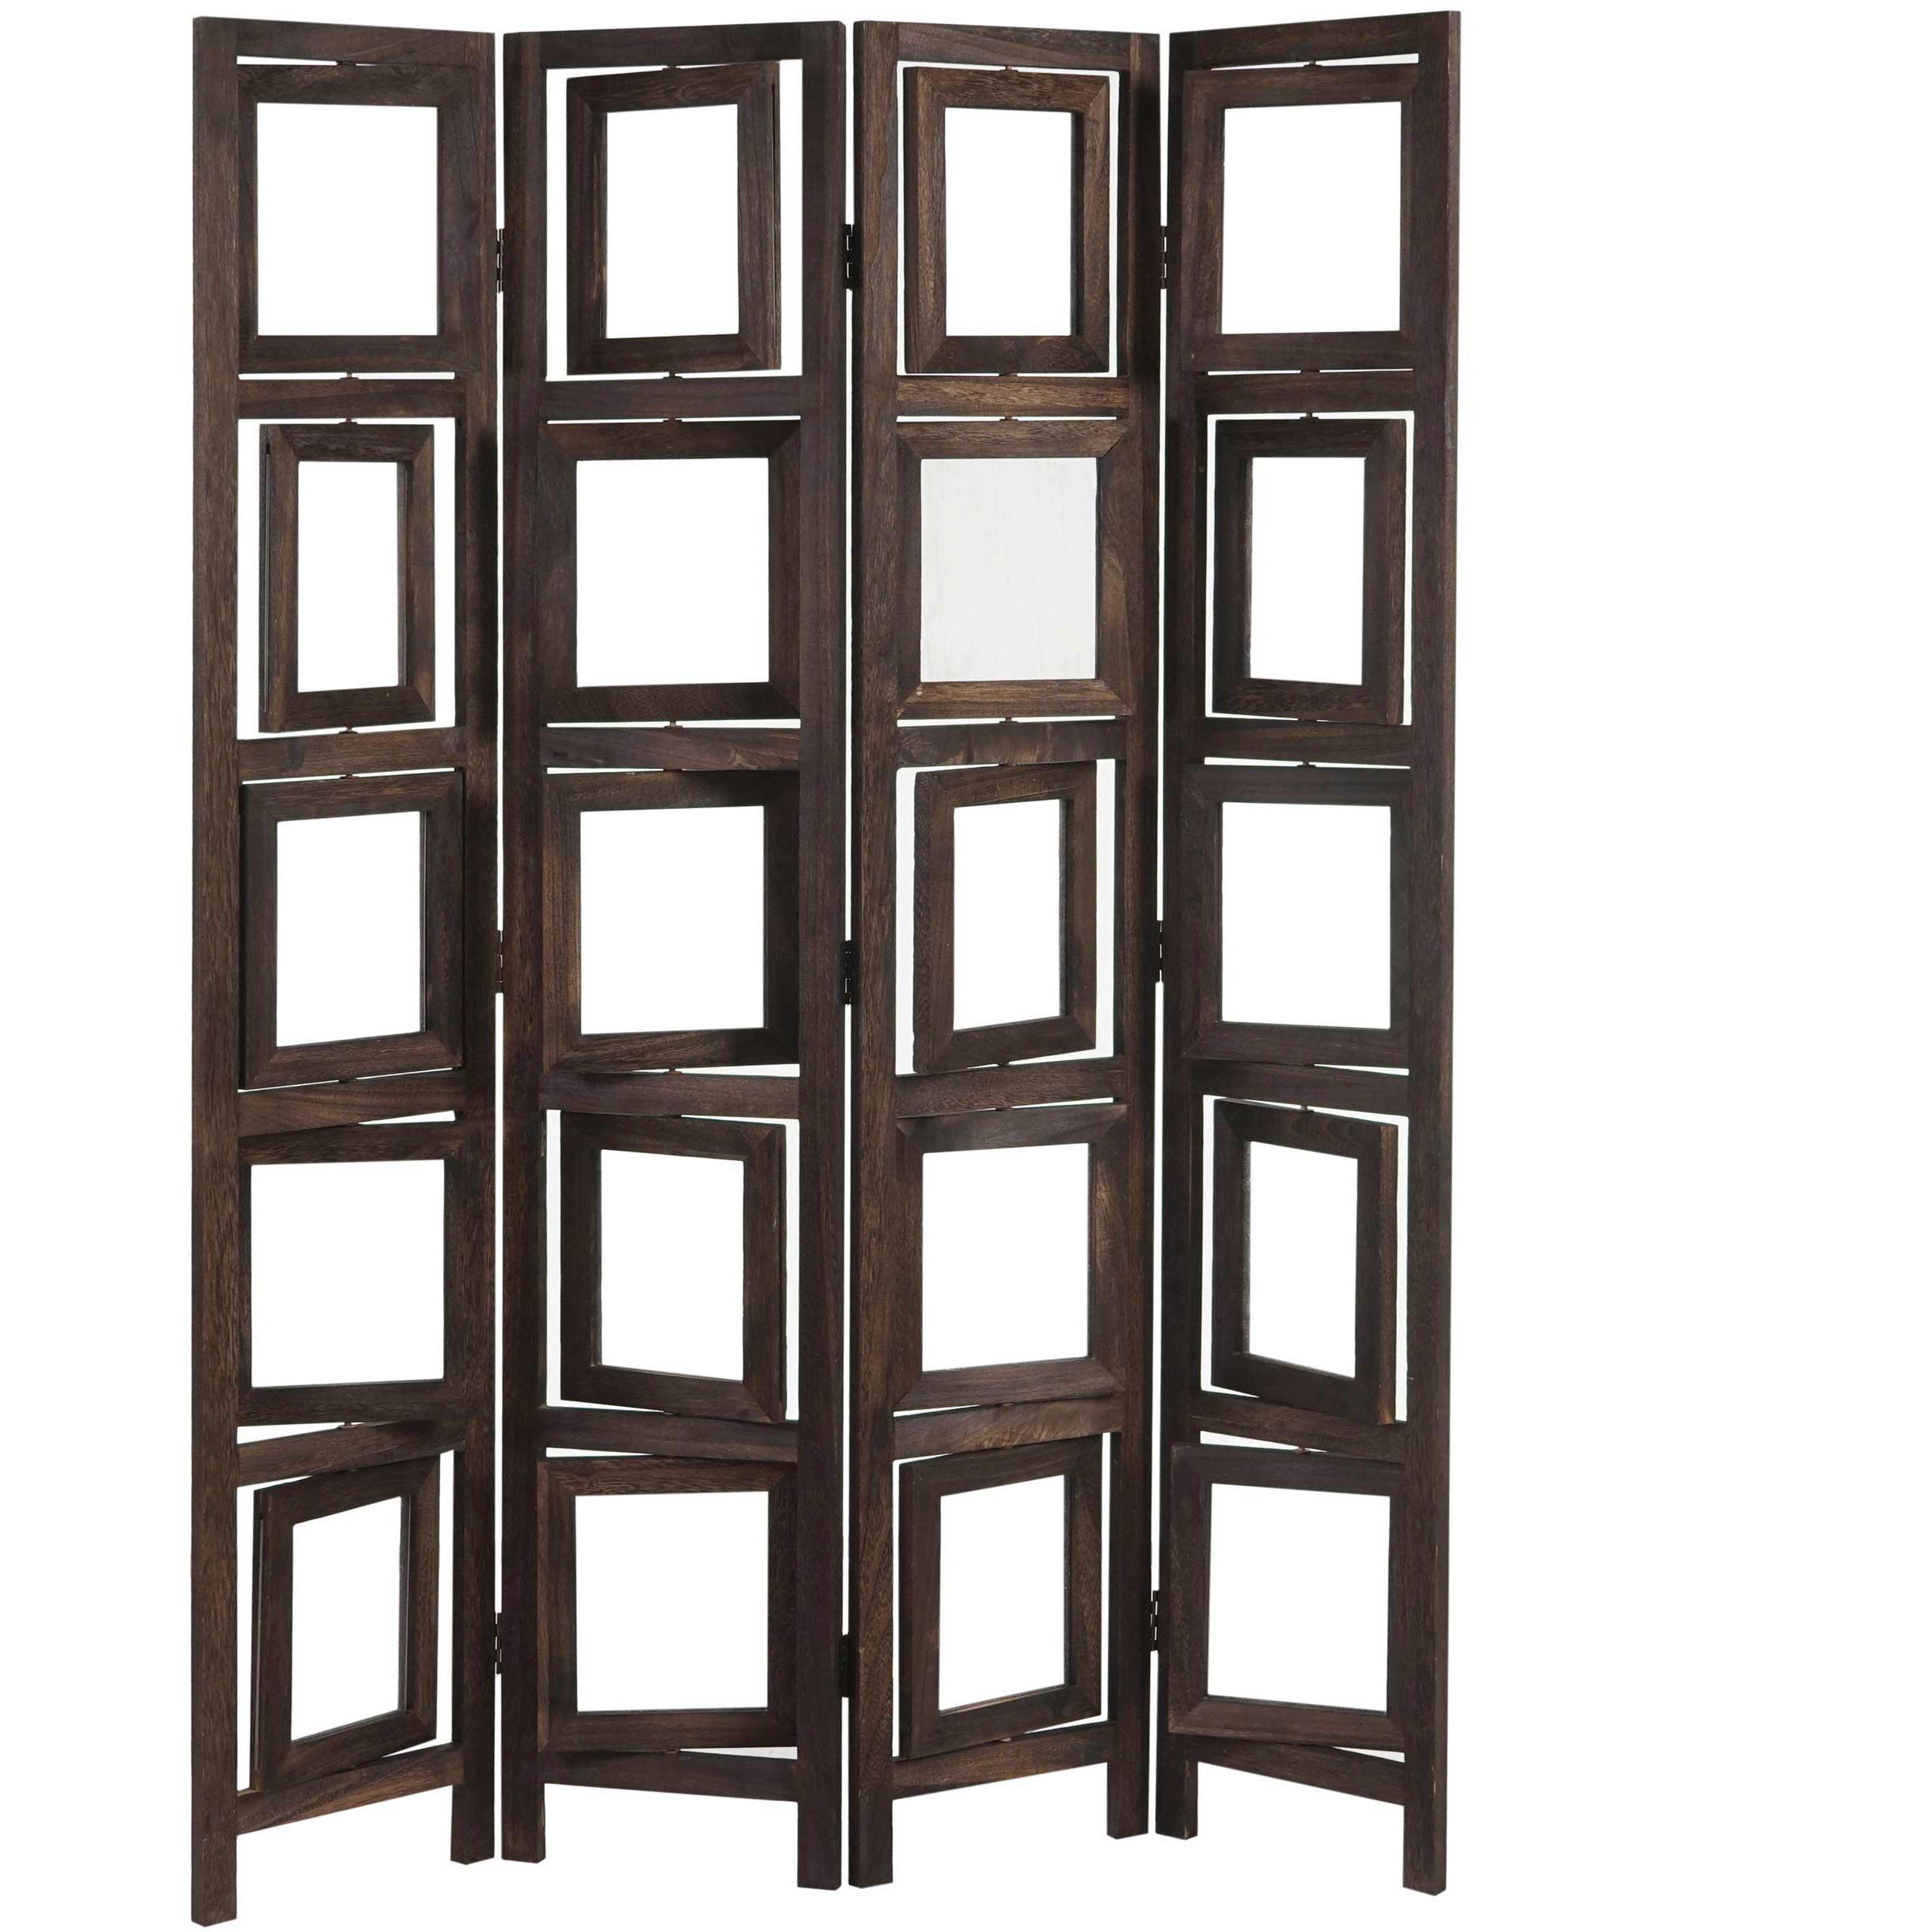 Paravento separé DONAR, cm 160x125x2, struttura in legno con ...